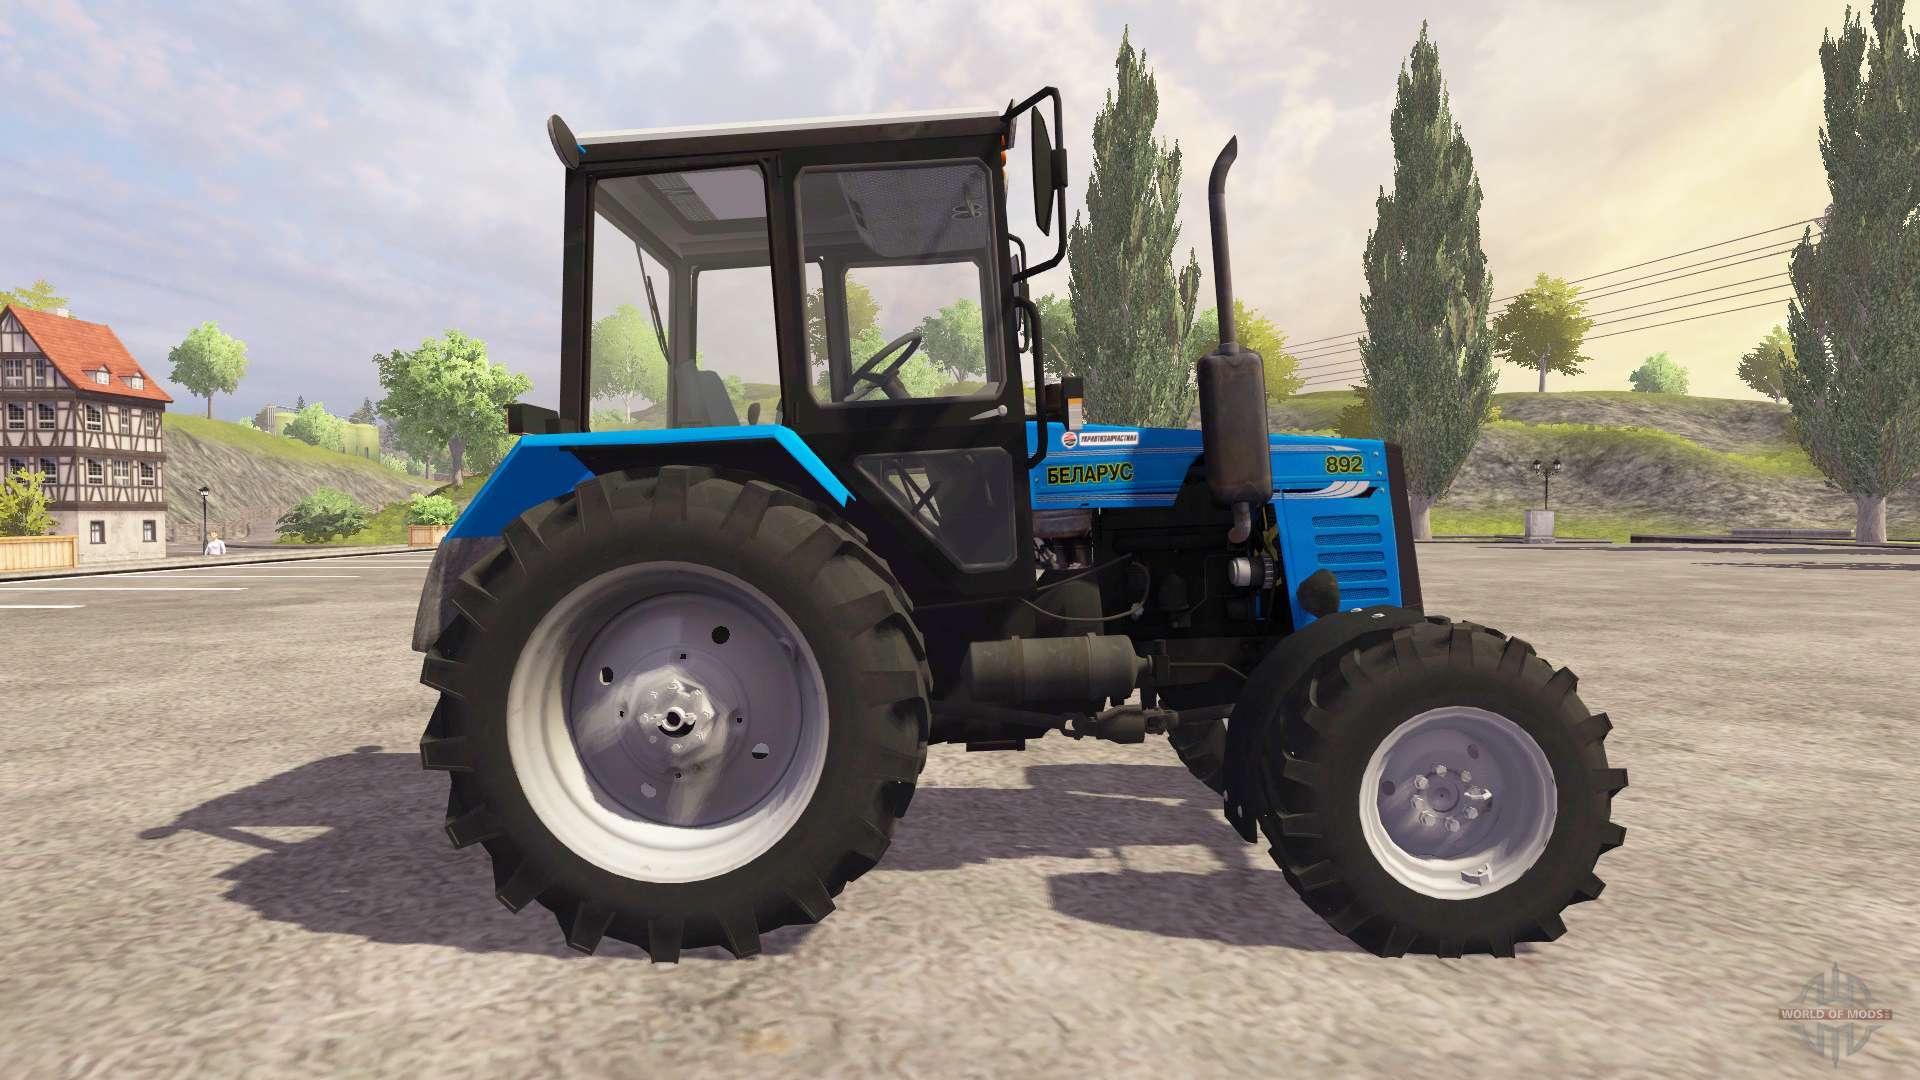 Трактор Беларус МТЗ 892 - описание, цена, технические.